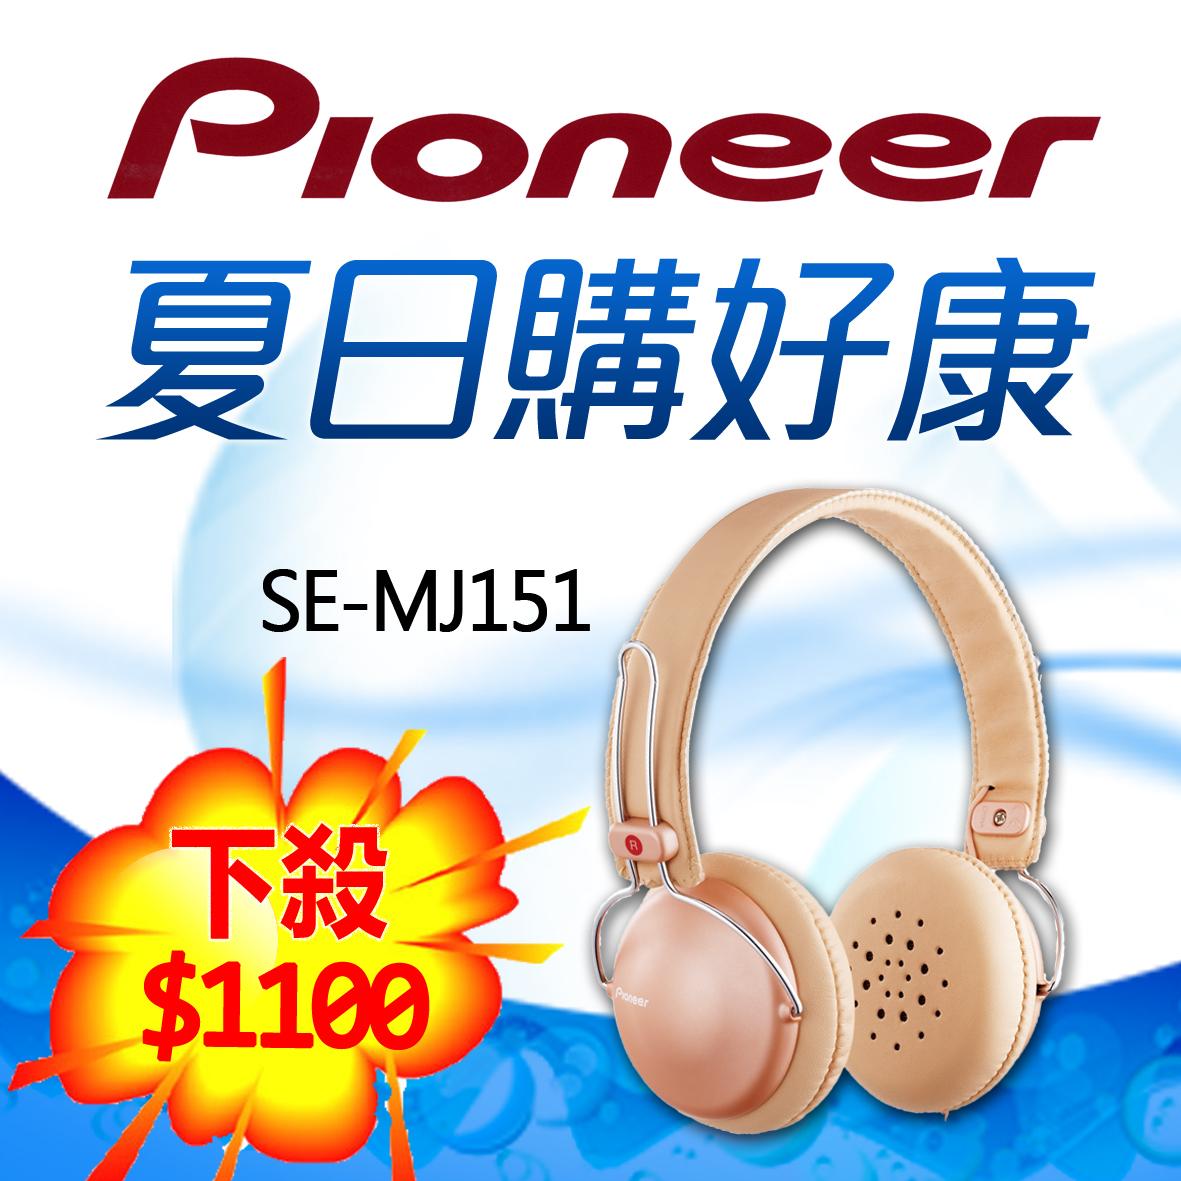 七夕情人節送禮首選  Pioneer SE-MJ151時尚迷你耳罩式耳機